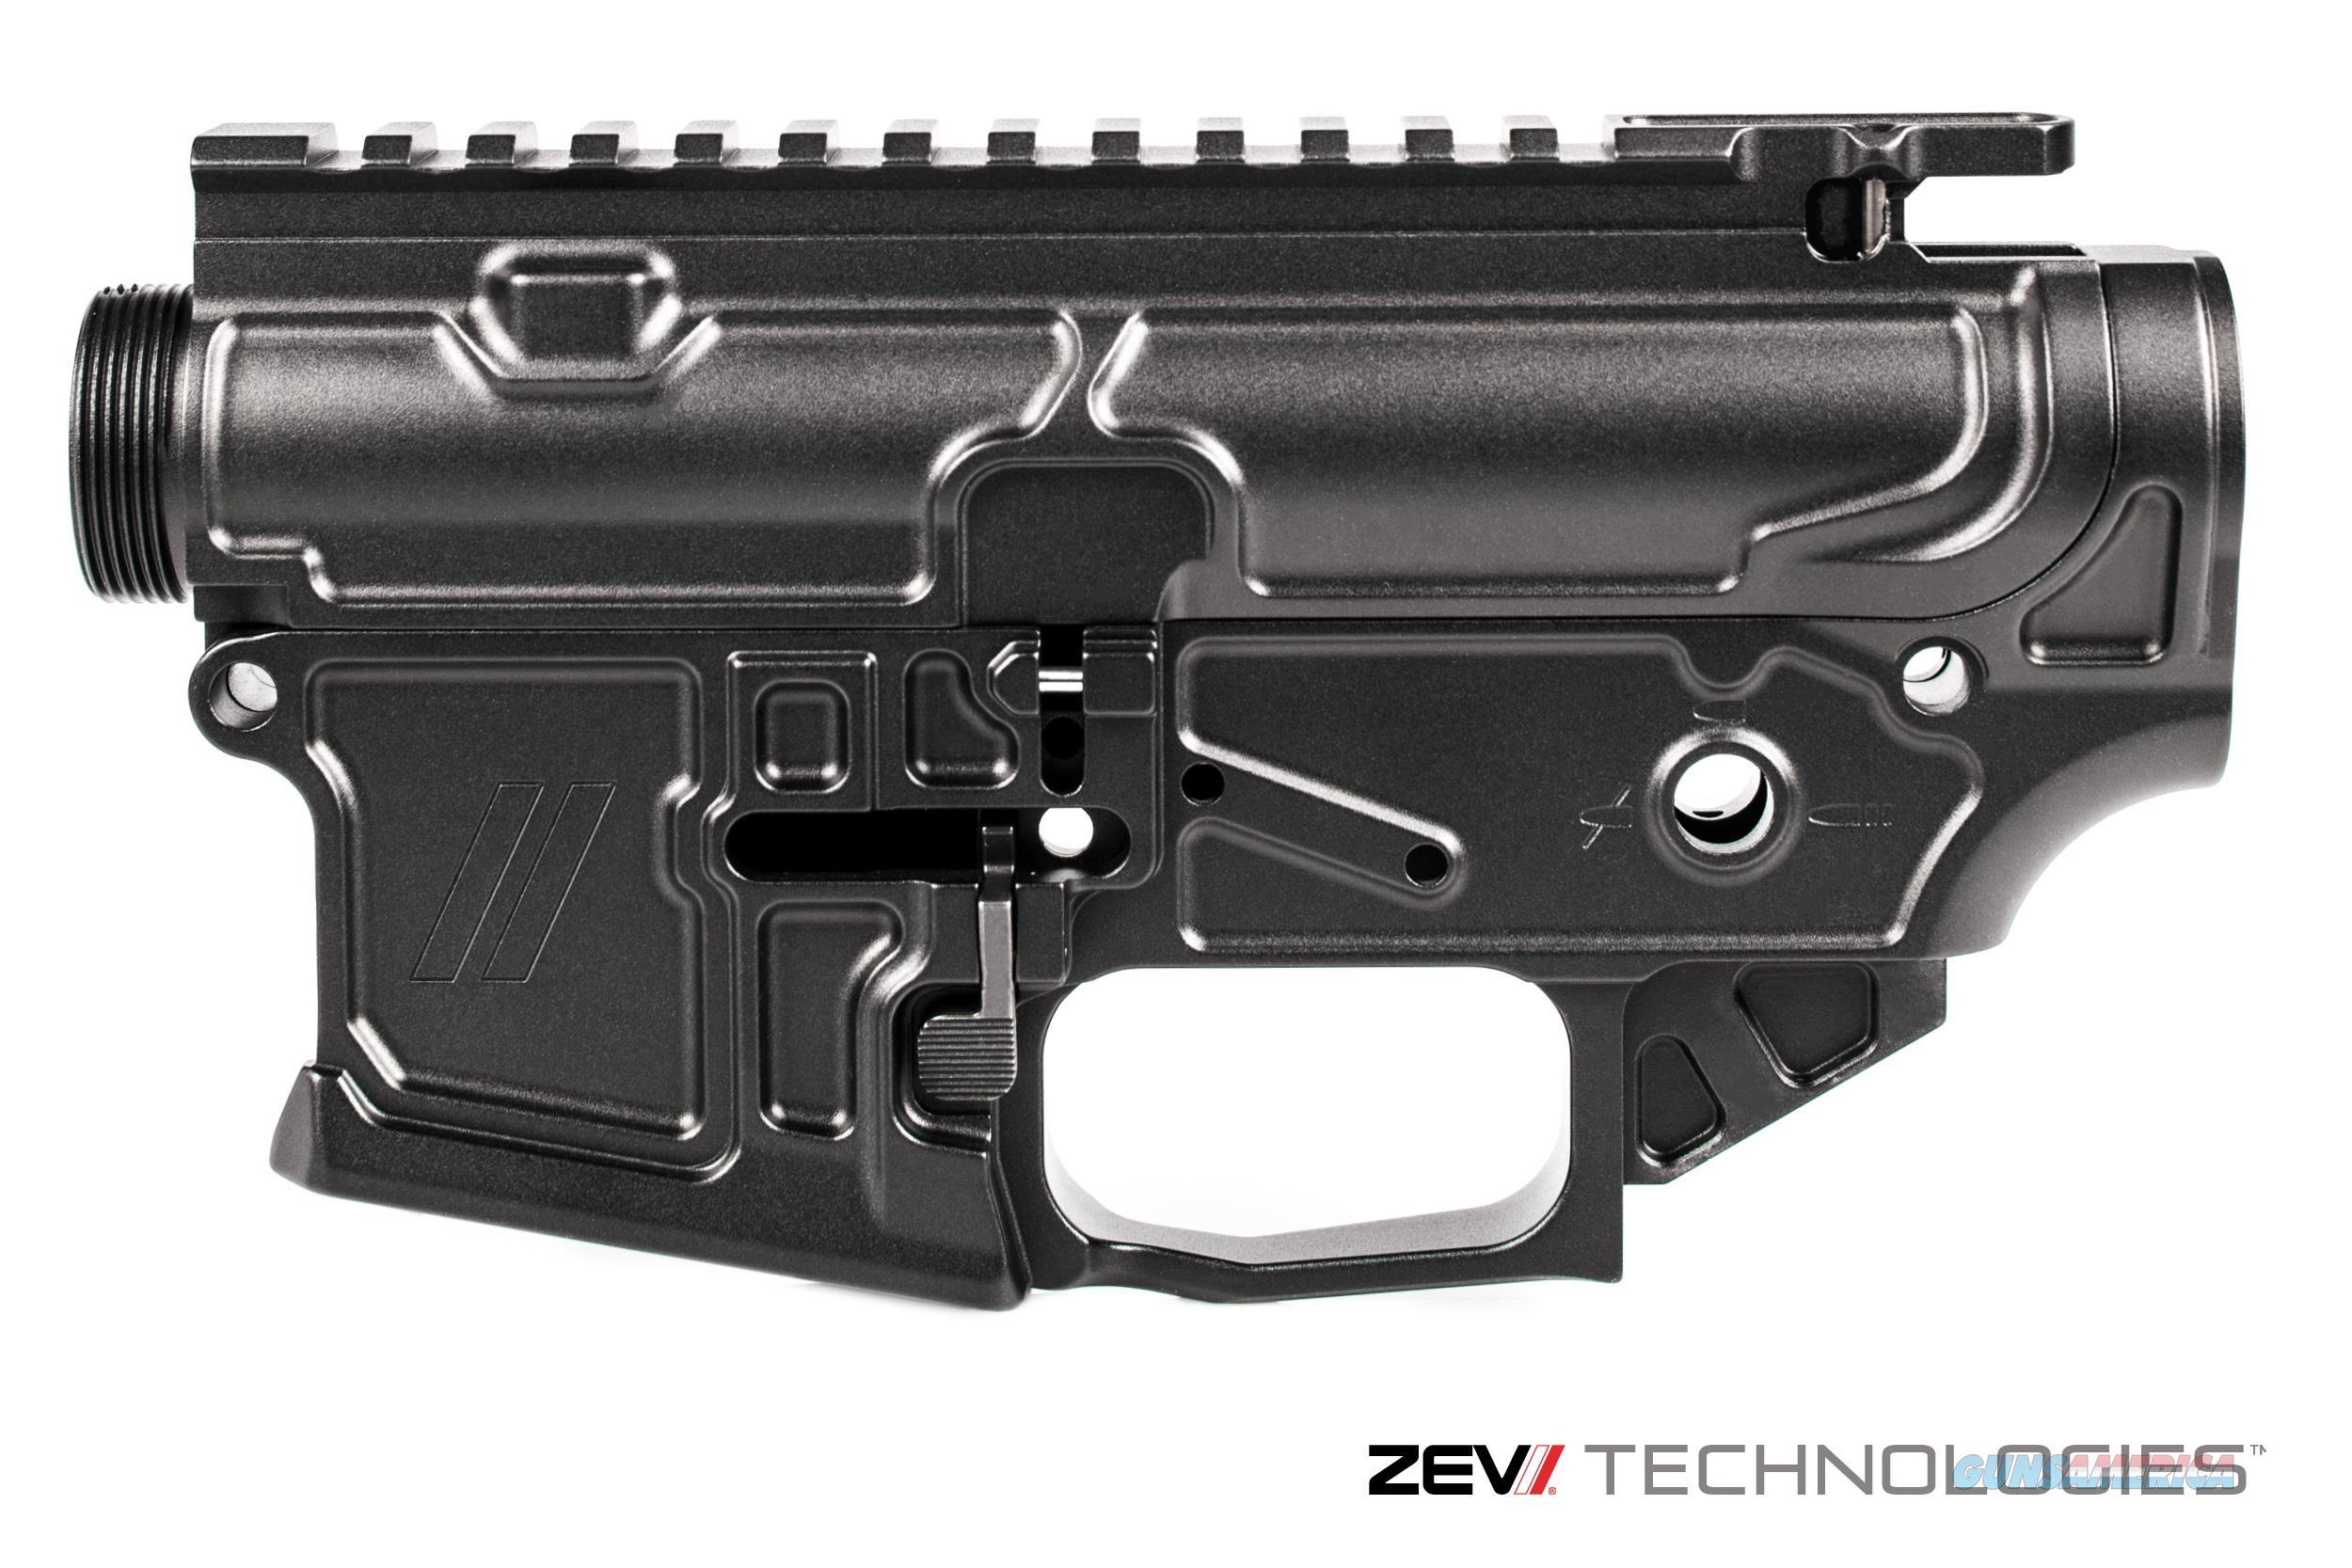 ZEV Technologies AR15 Billet Receiver Set  Guns > Rifles > AR-15 Rifles - Small Manufacturers > Lower Only